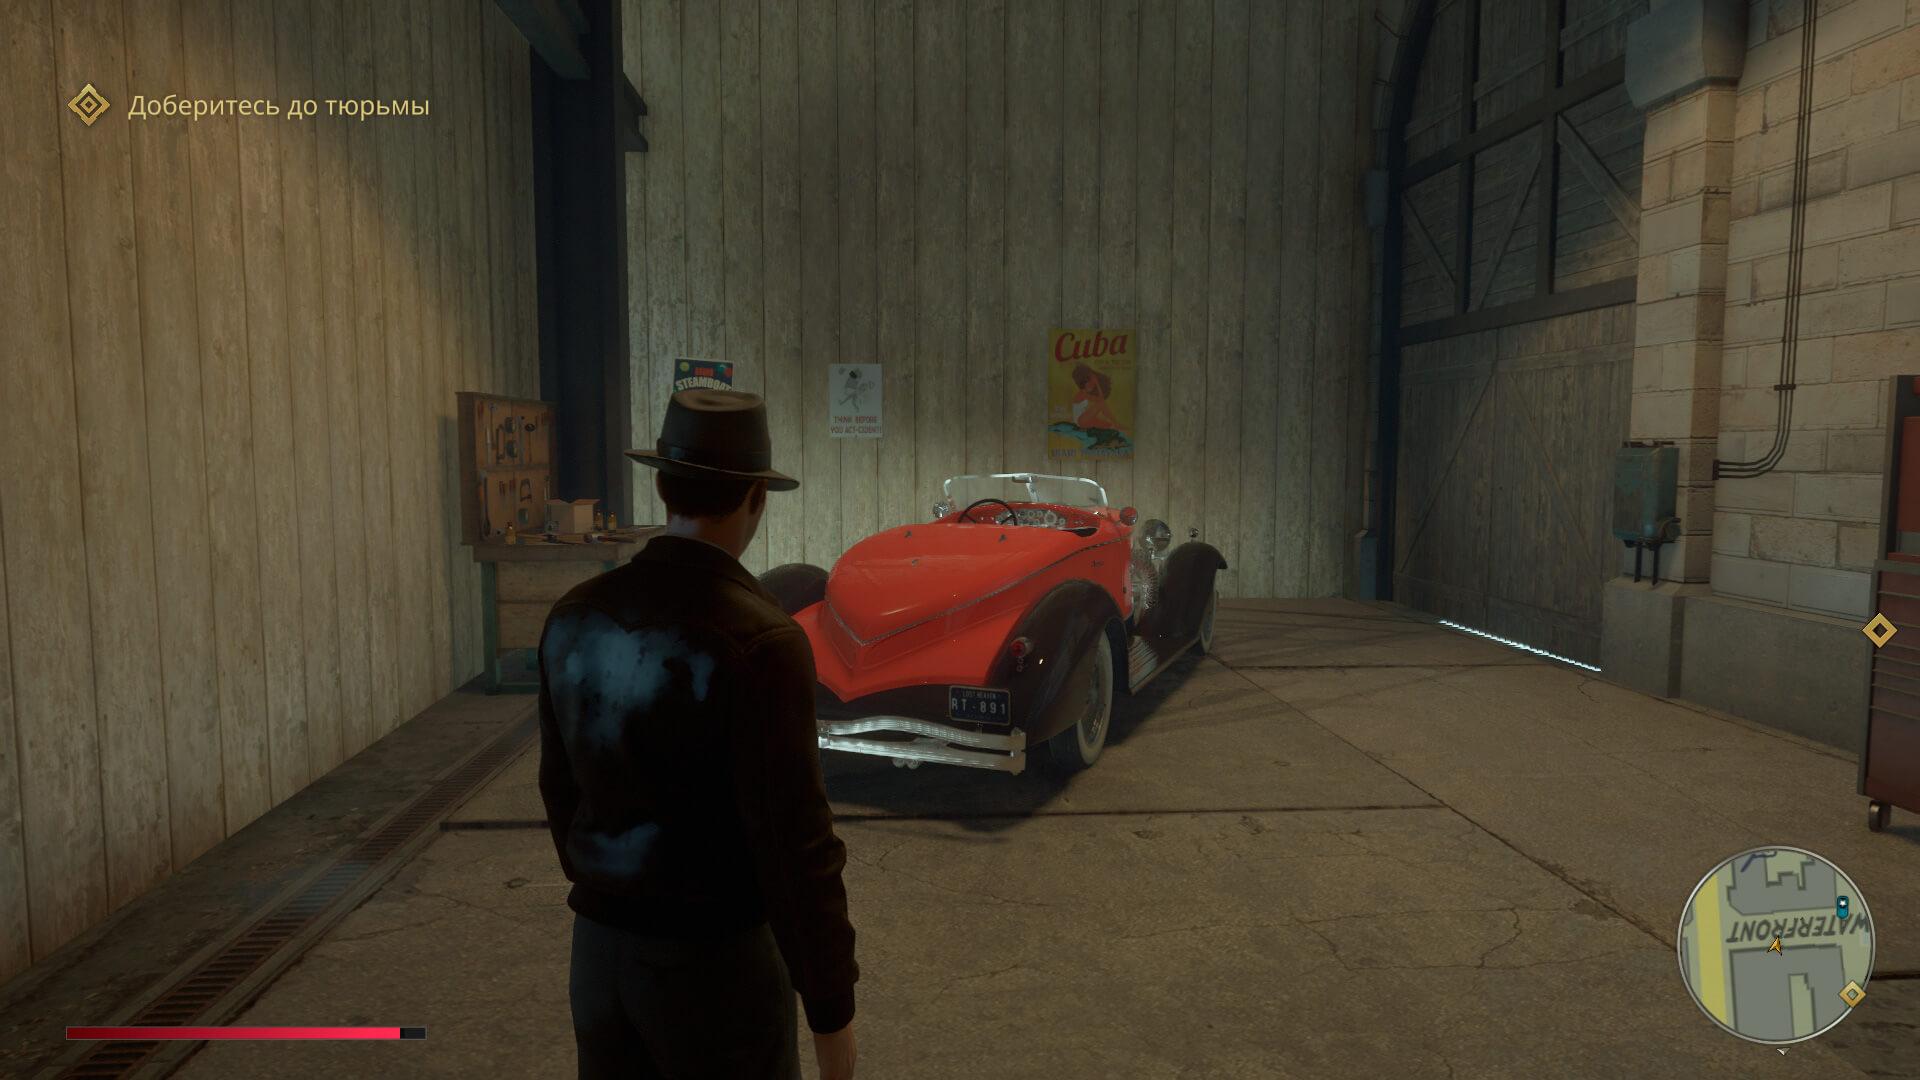 Как найти машины Луке Бертоне в Mafia: Definitive Edition